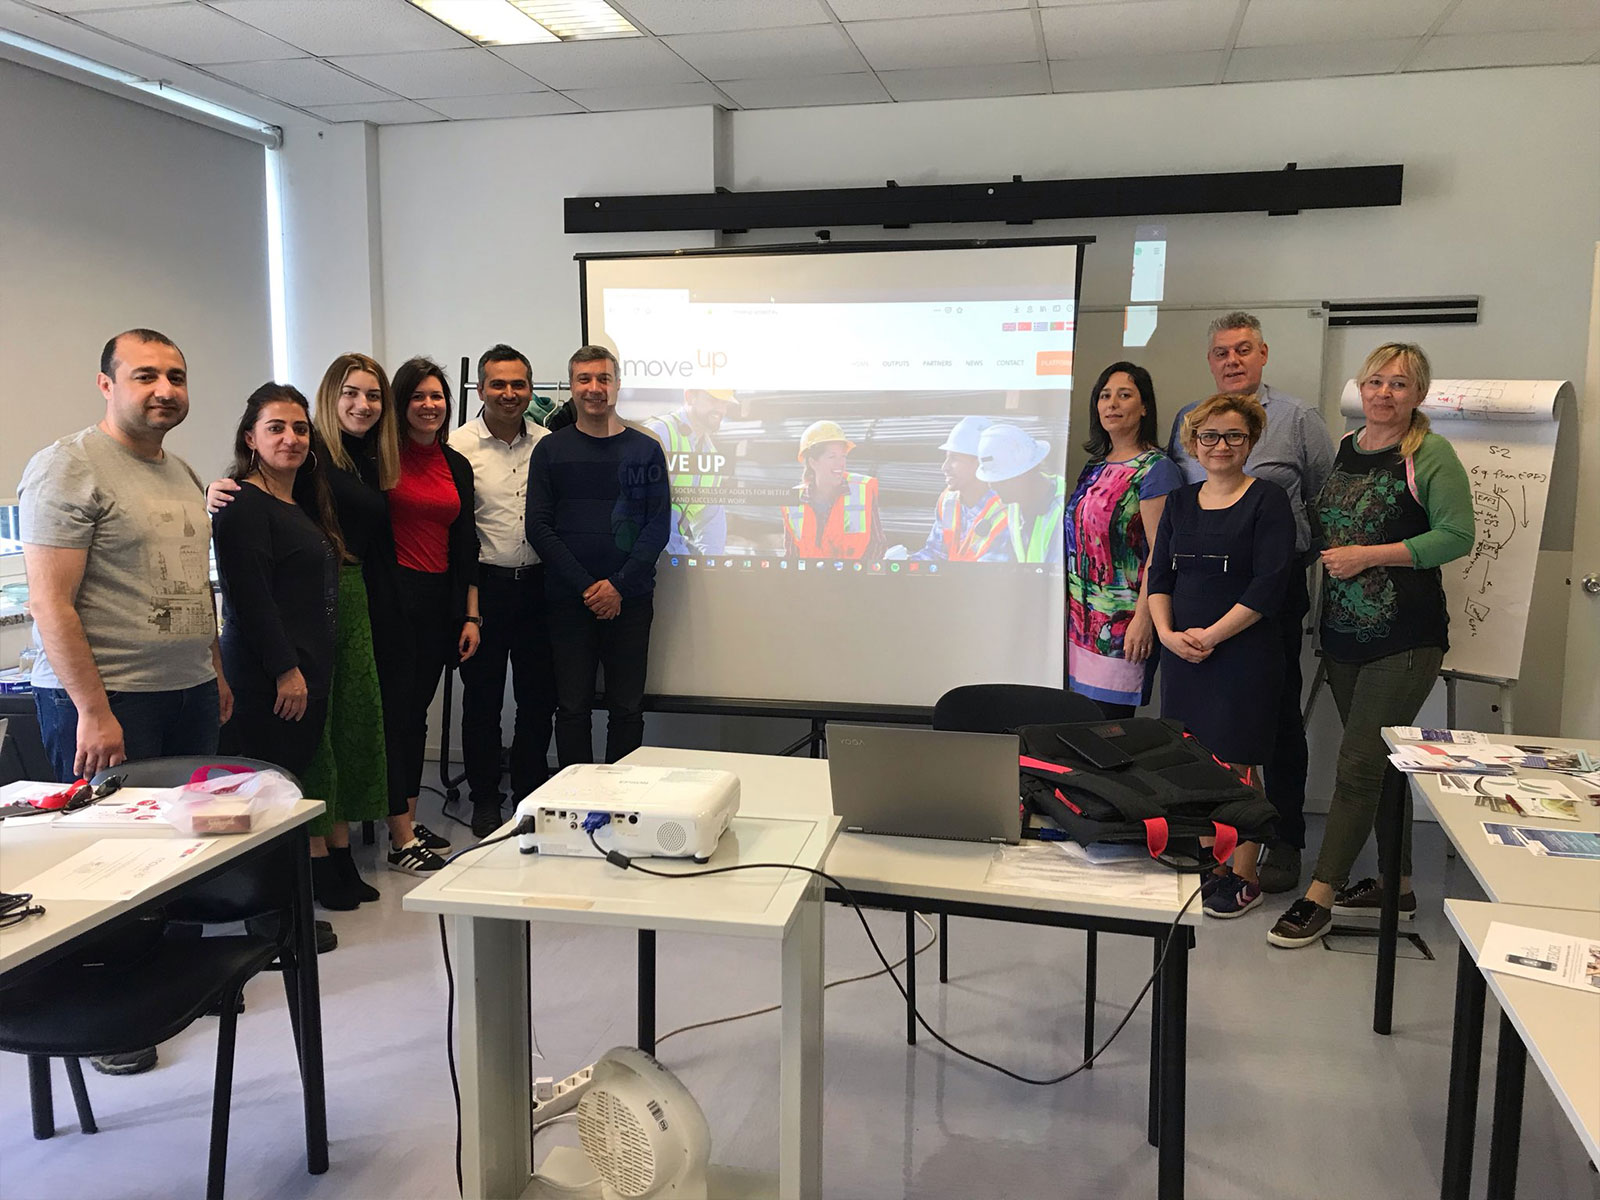 Projenin son uluslararası toplantısı Lizbon, Portekiz